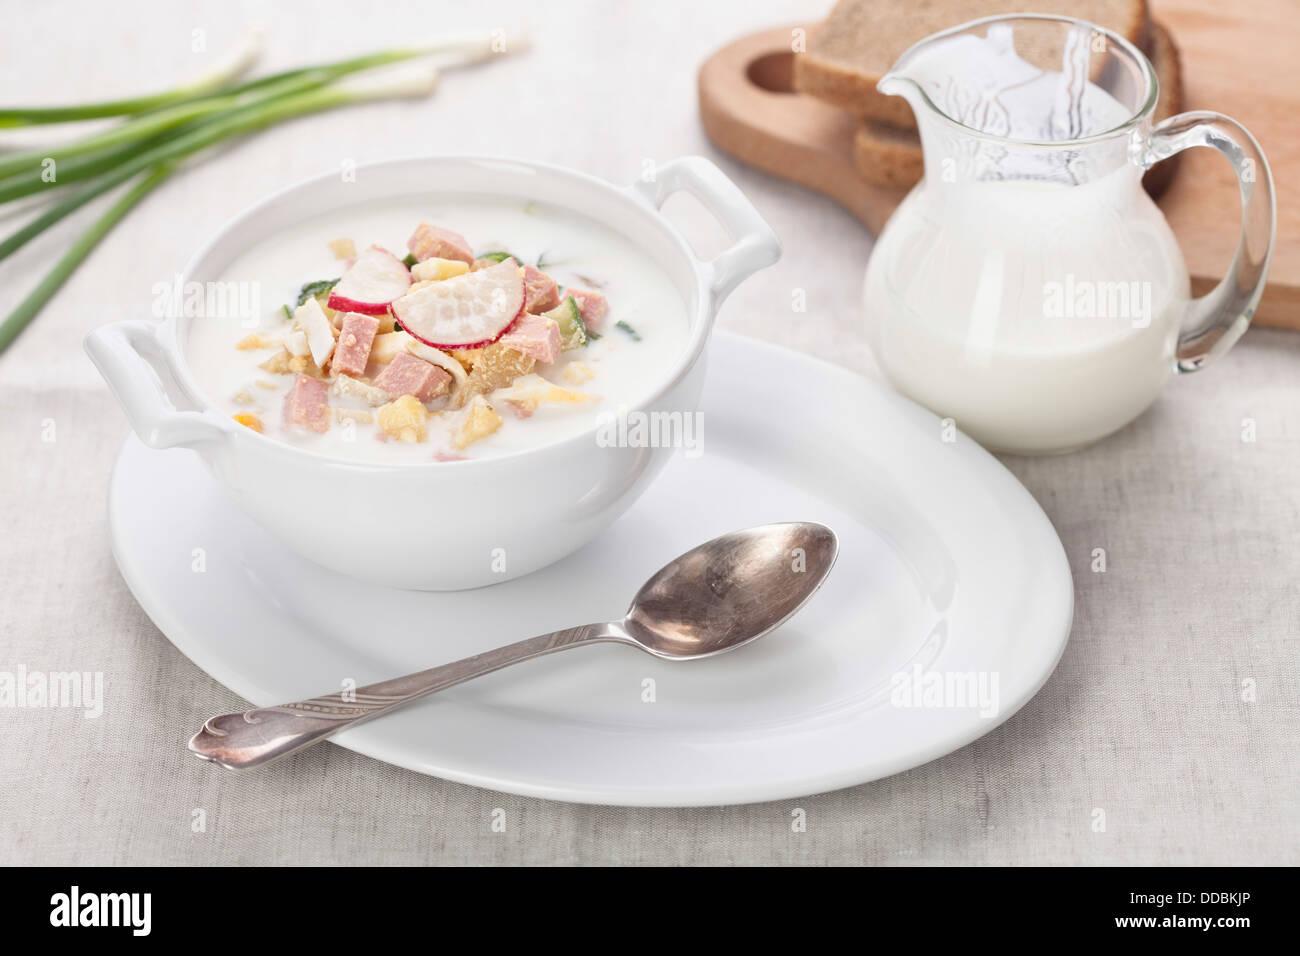 Soupe froide le kéfir avec des oeufs et des saucisses Photo Stock